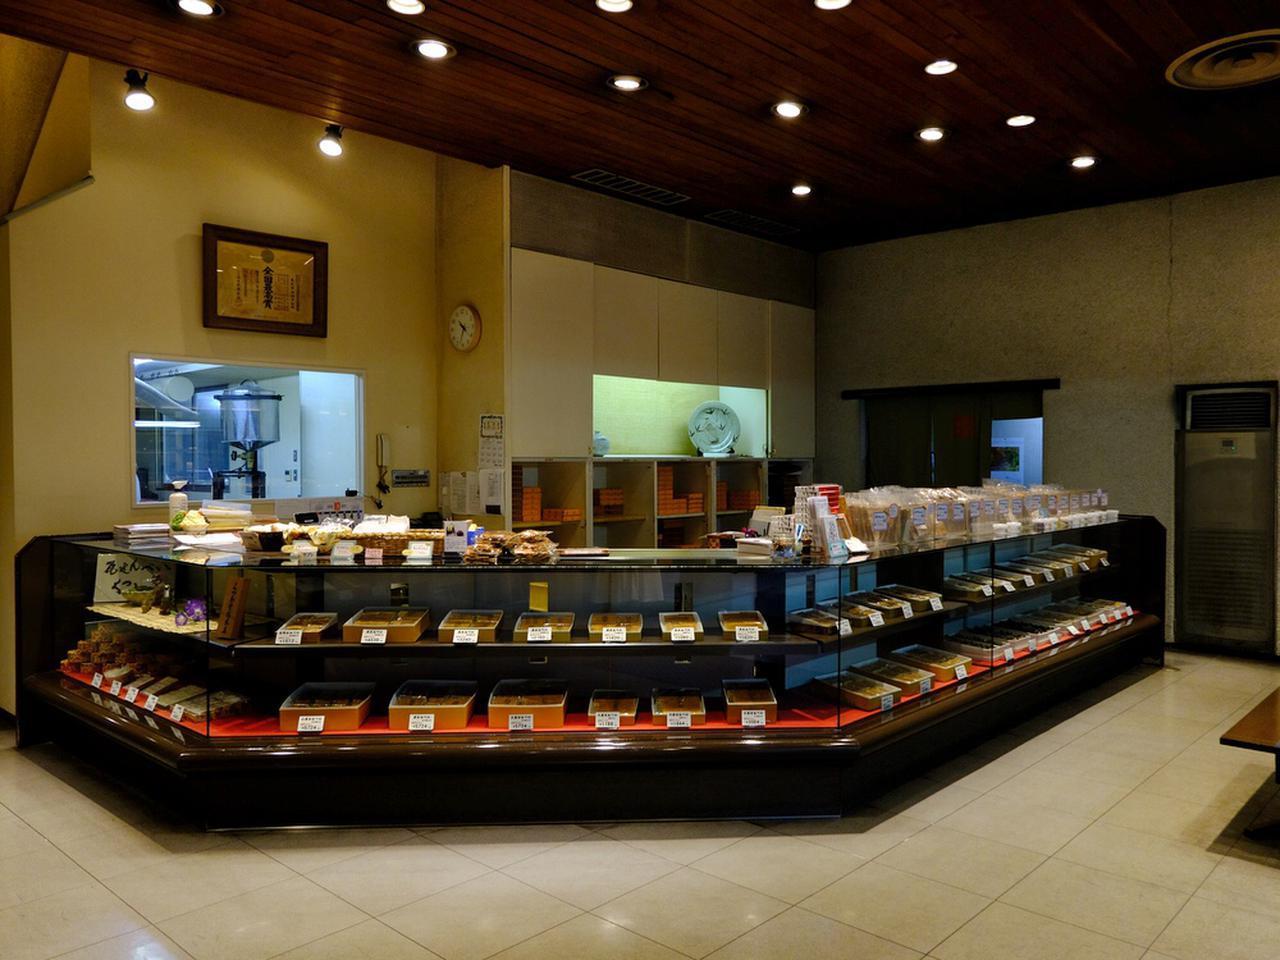 画像: 1階は瓦せんべいや和菓子が売られています。瓦せんべいは150年の歴史がある、高松を代表するお菓子です。